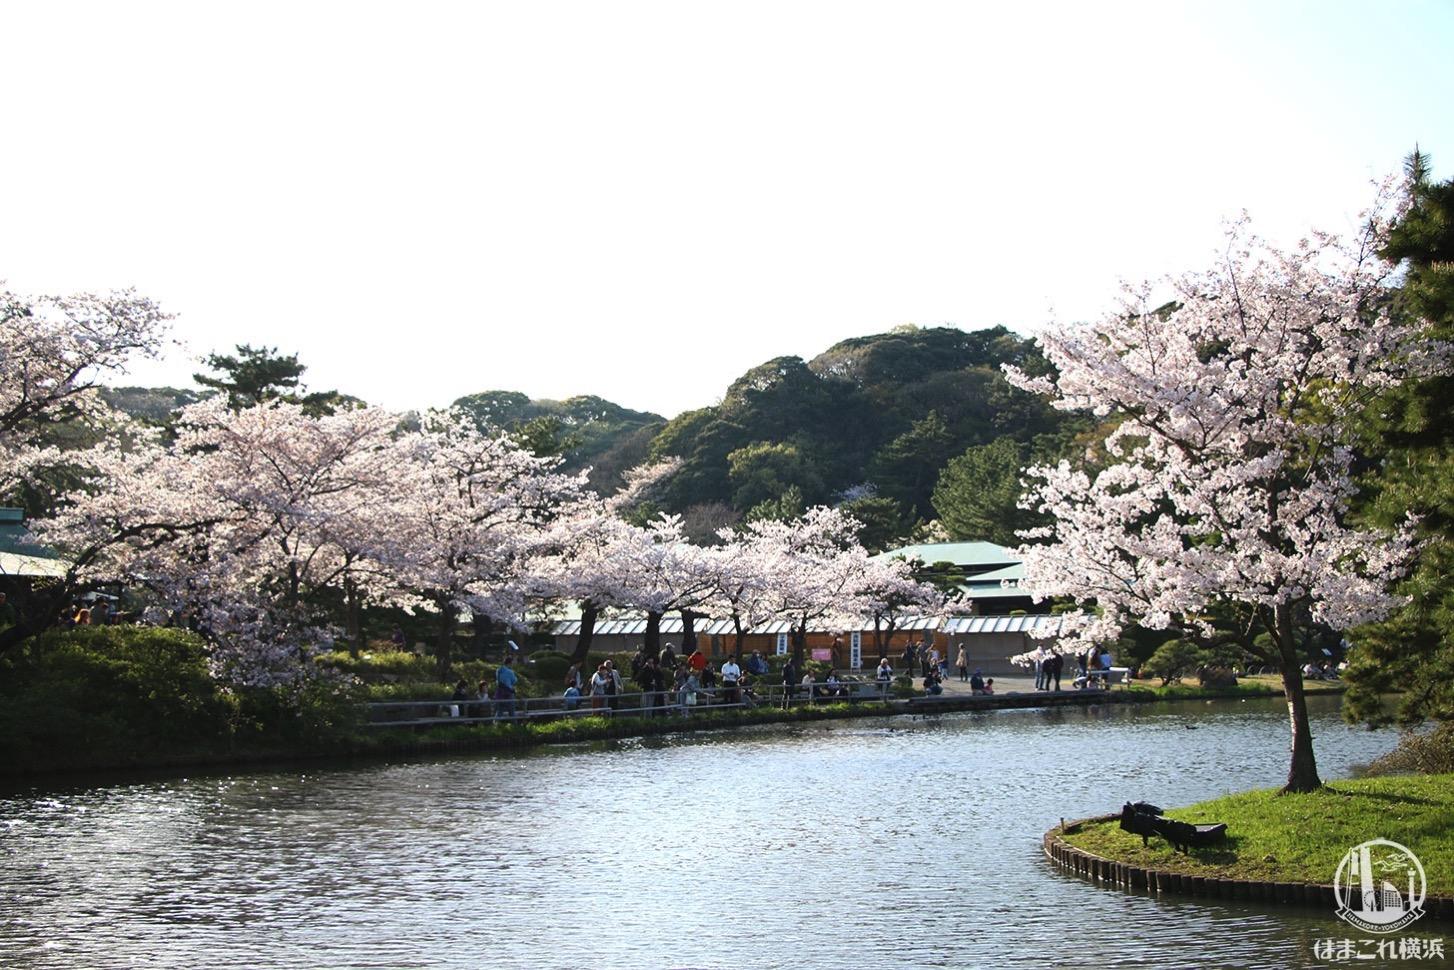 三渓園 池を囲み咲く桜